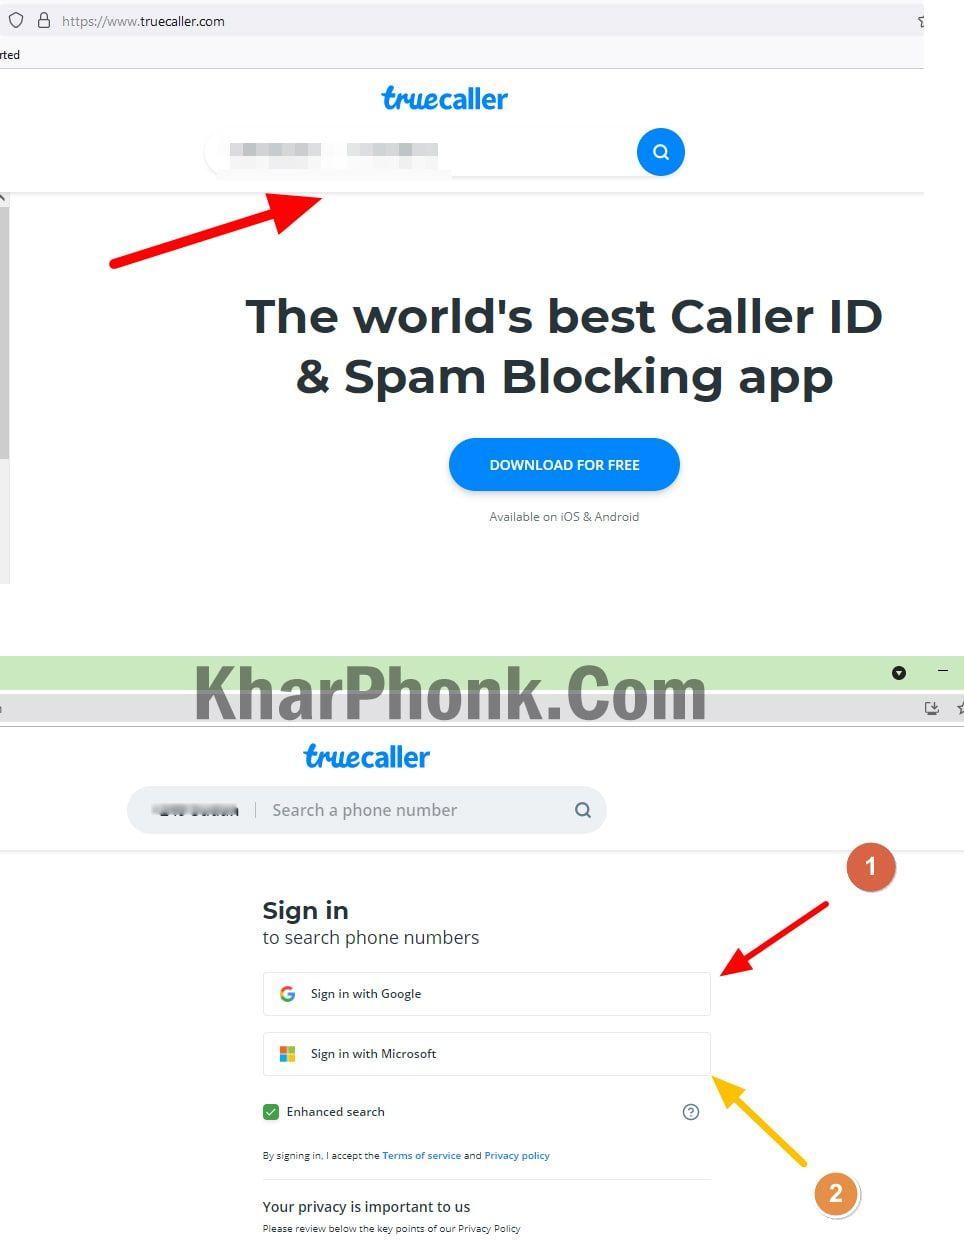 شرح موقع truecaller لمعرفة صاحب الرقم المتصل